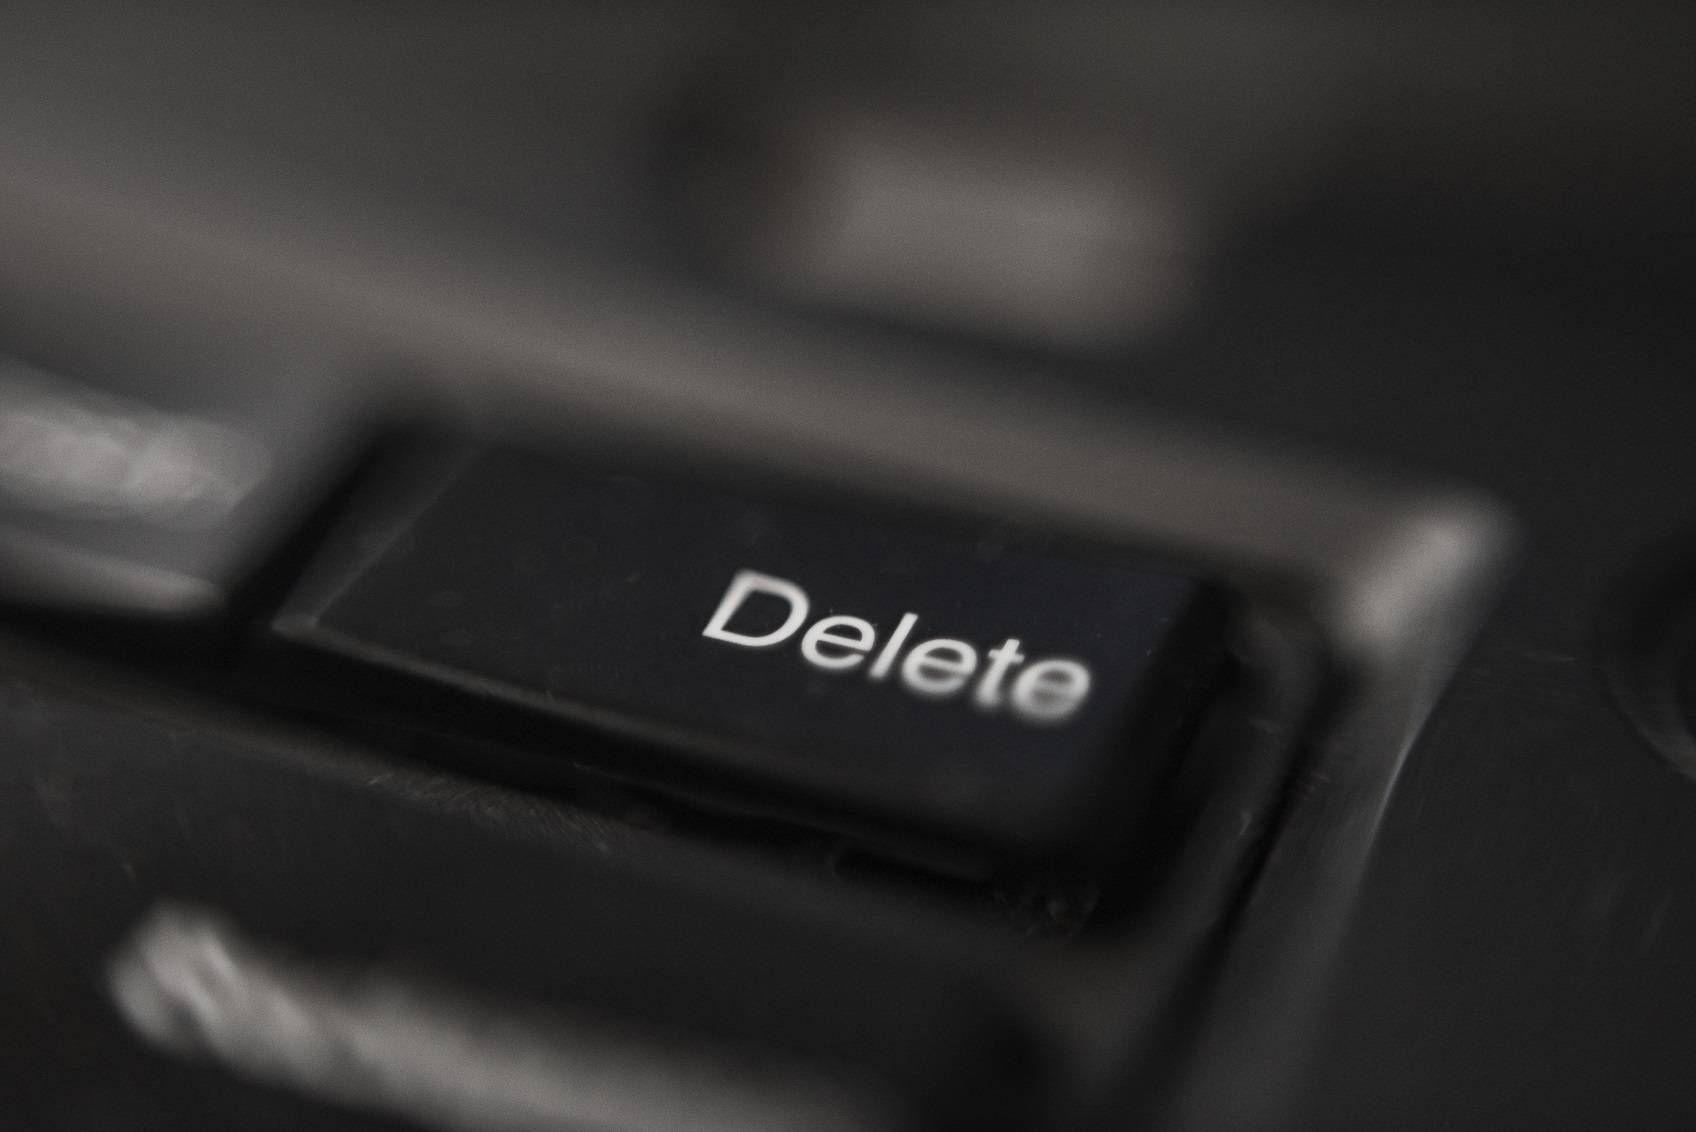 Quelle solution pour récupérer des fichiers supprimés maladroitement sous Windows ?